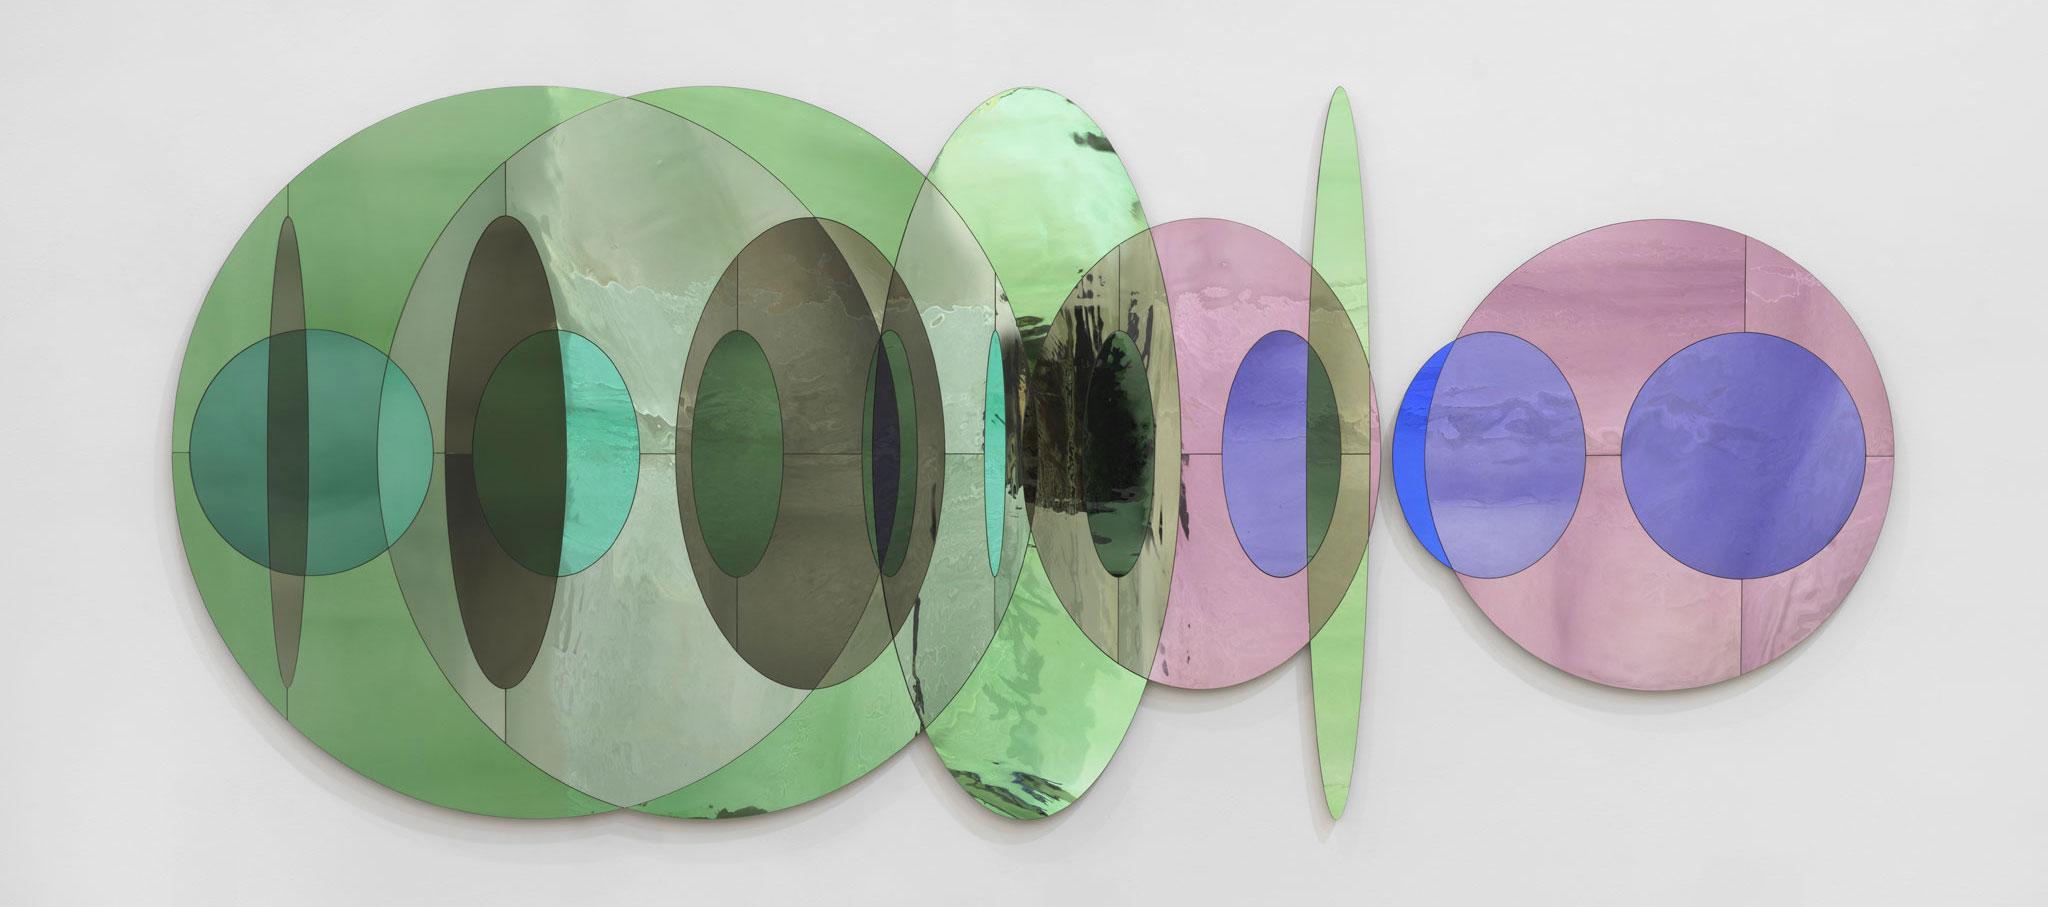 Una mirada a lo que vendrá. Vidrio coloreado con soporte de plata, trasera de aluminio. Fotografía © Cuauhtli Gutiérrez